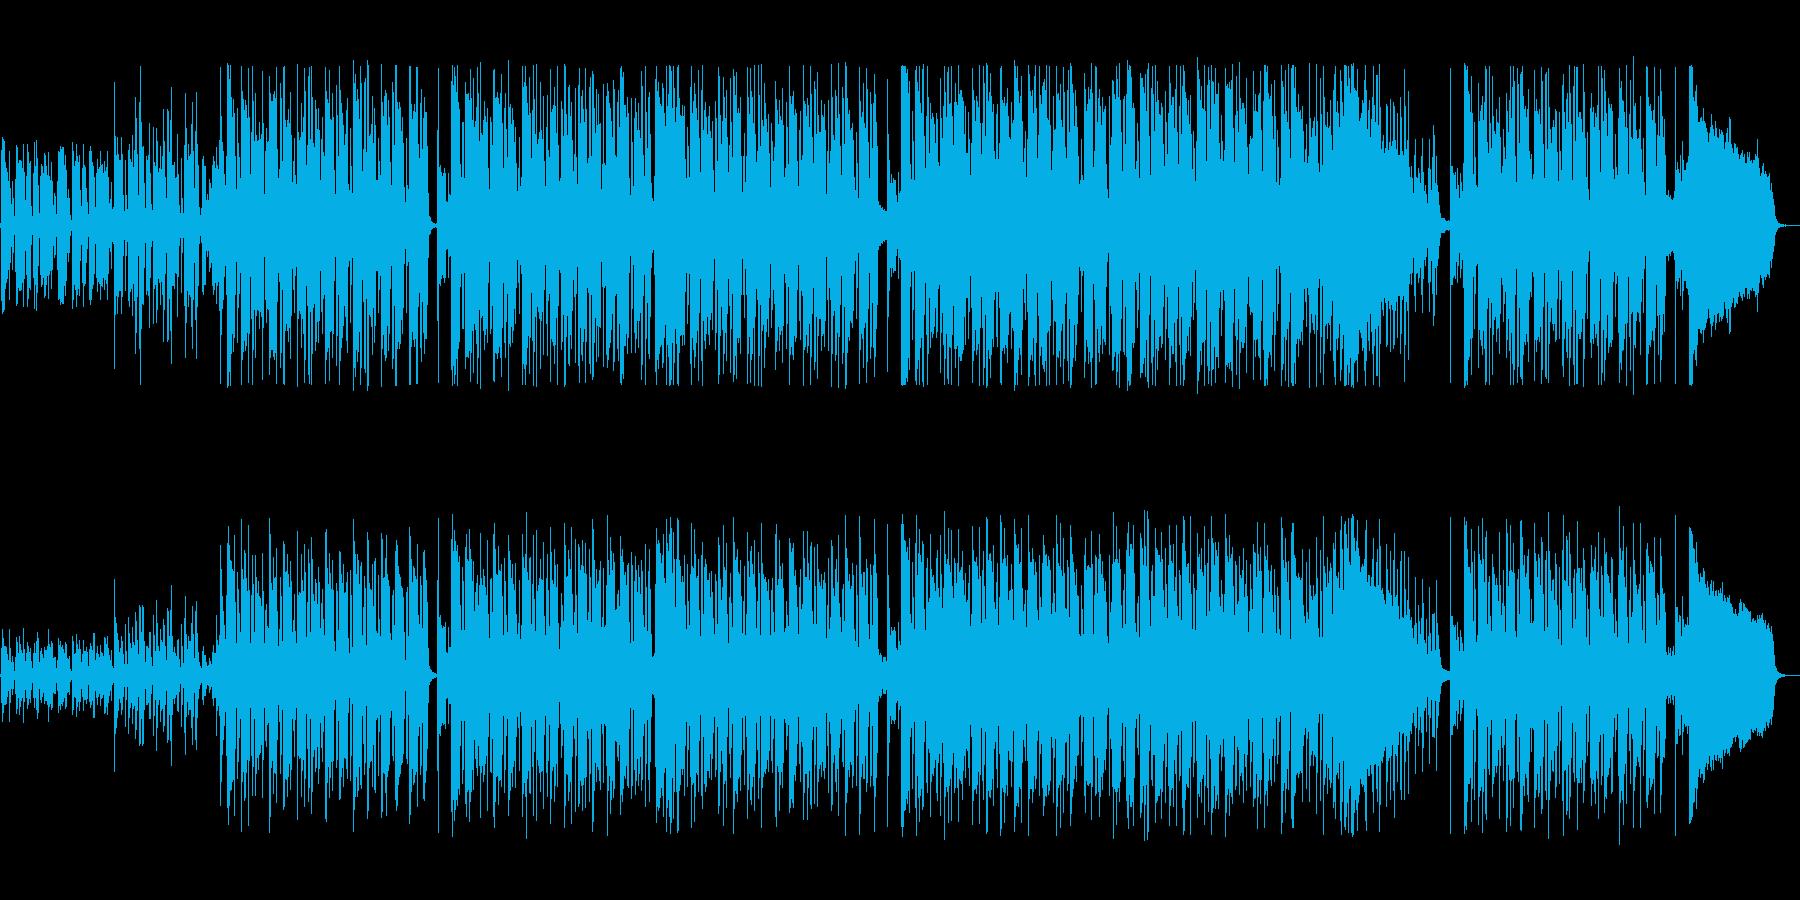 穏やかでリズミカルなポップサウンドの再生済みの波形